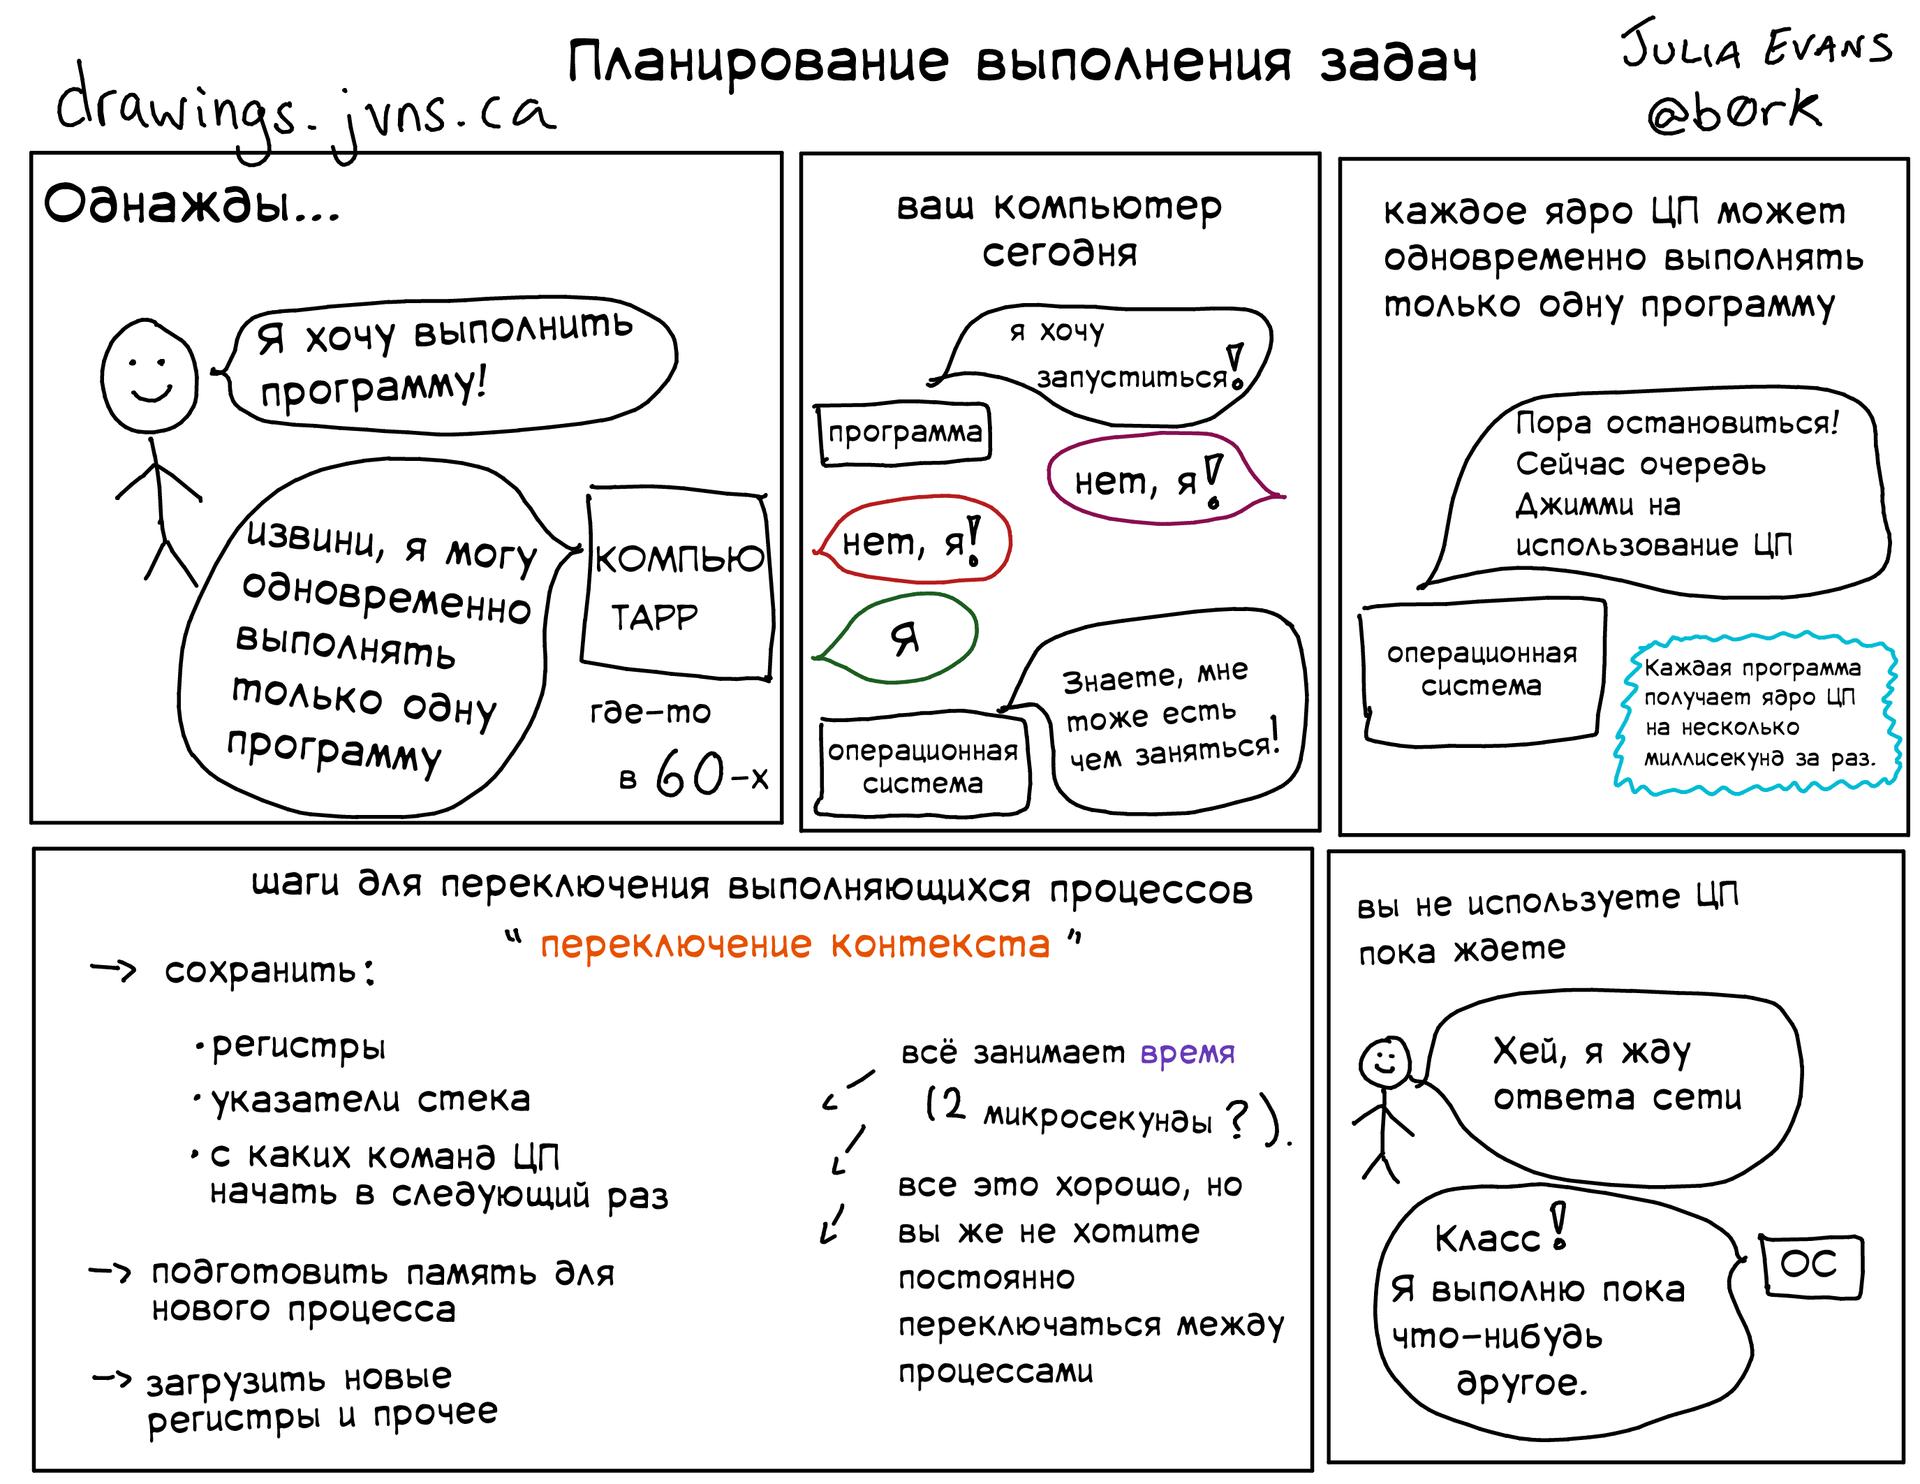 Подборка полезных слайдов от Джулии Эванс - 6